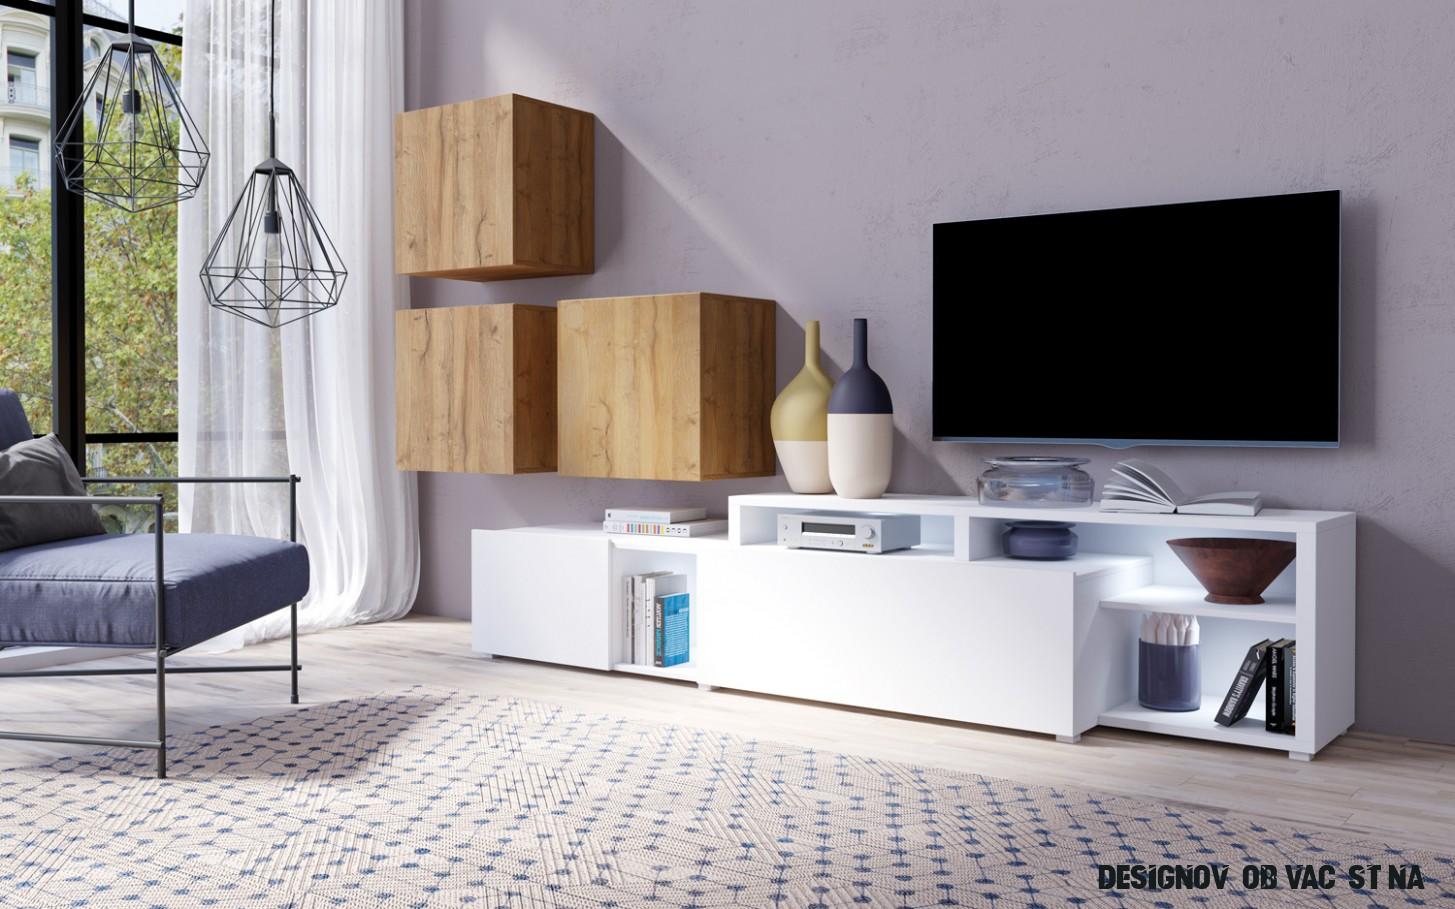 Designová obývací stěna Michigan A, bílá/dub grandson - inspirace